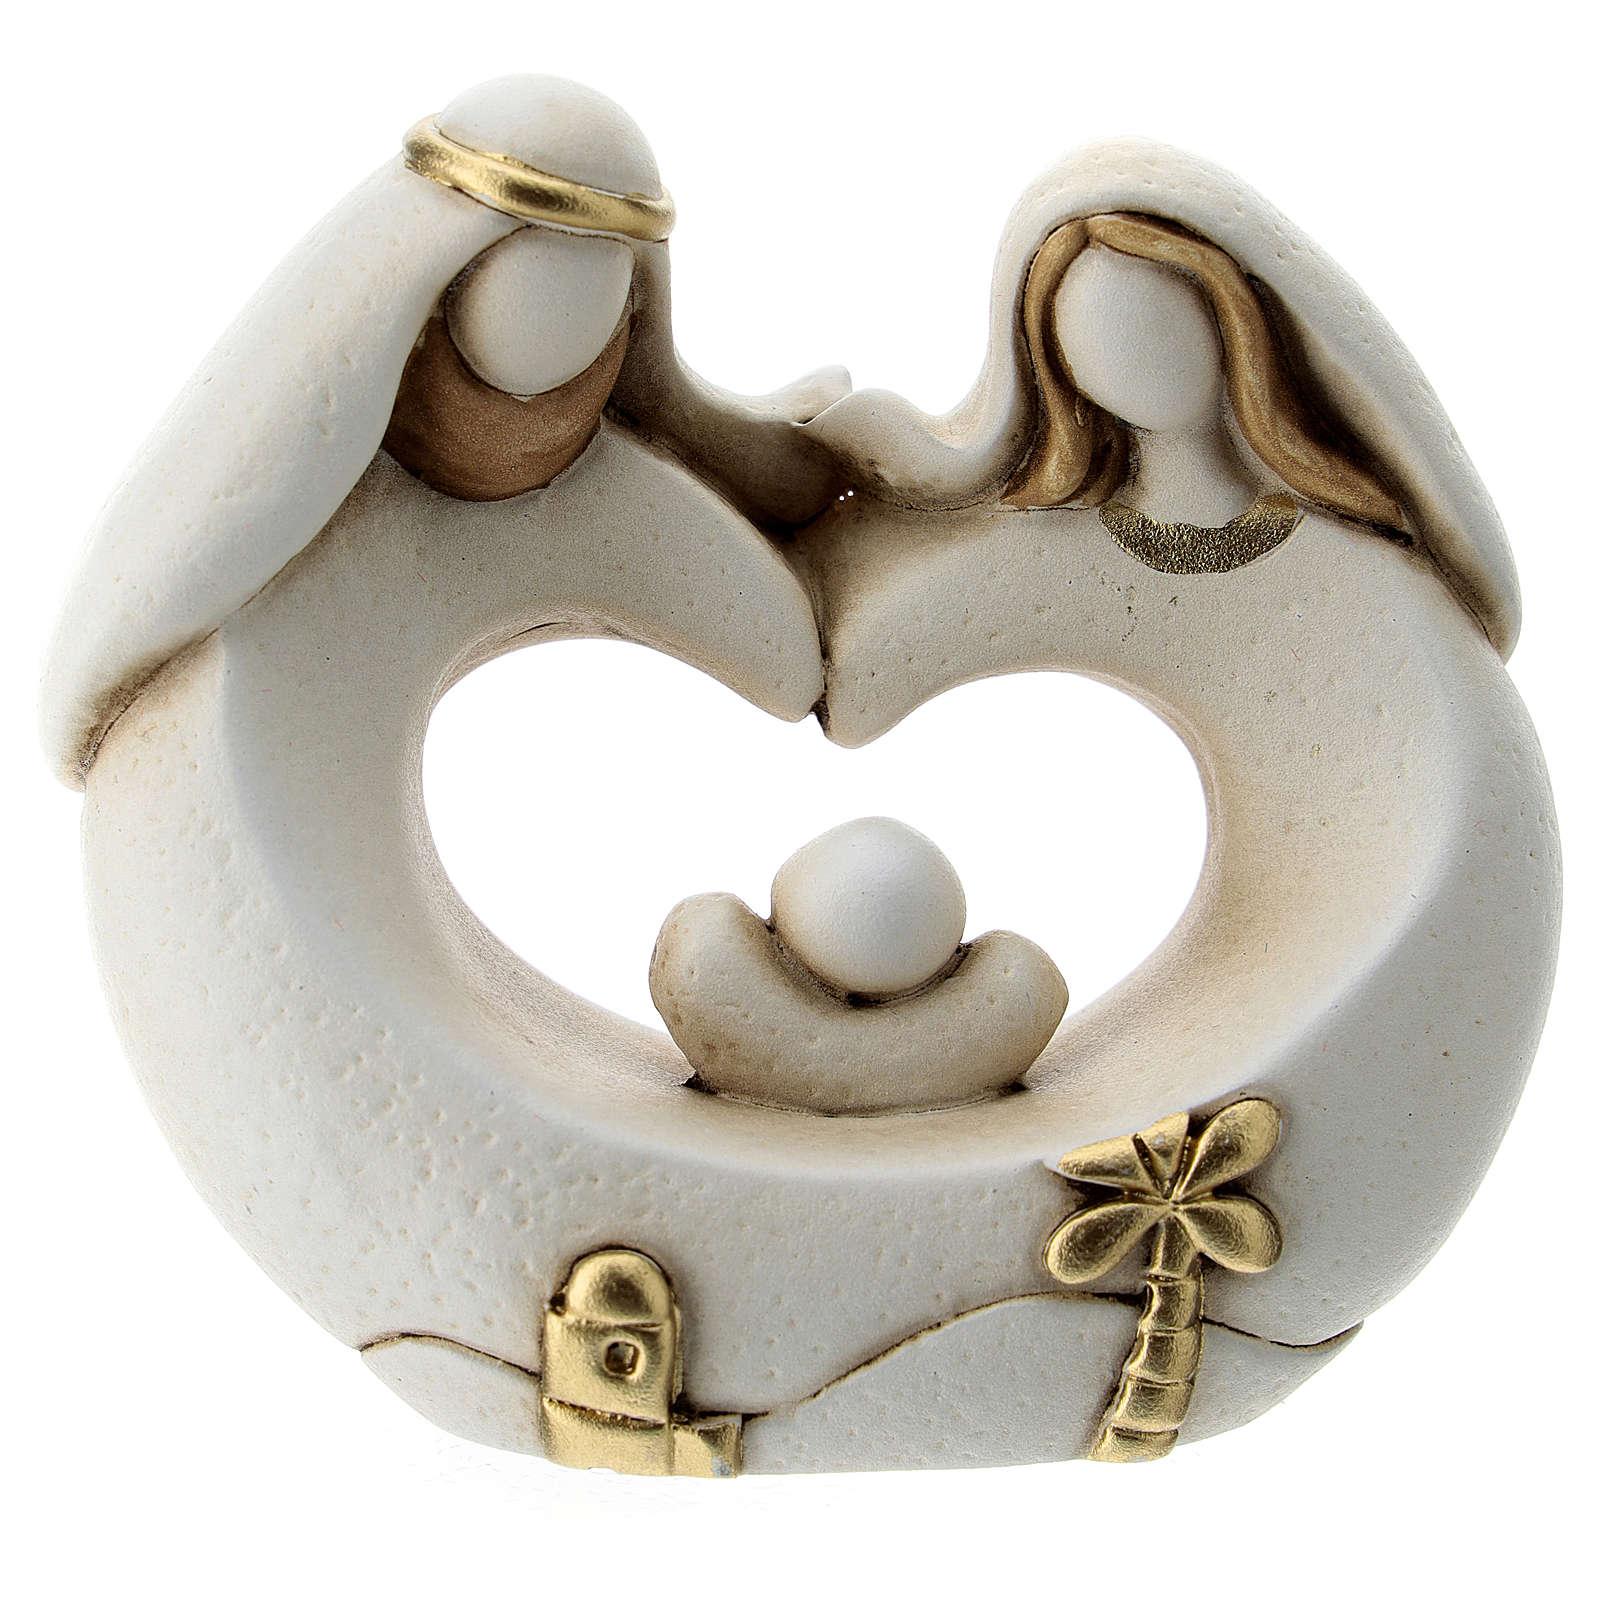 Sagrada Familia estilo árabe corazón resina 5 cm 3